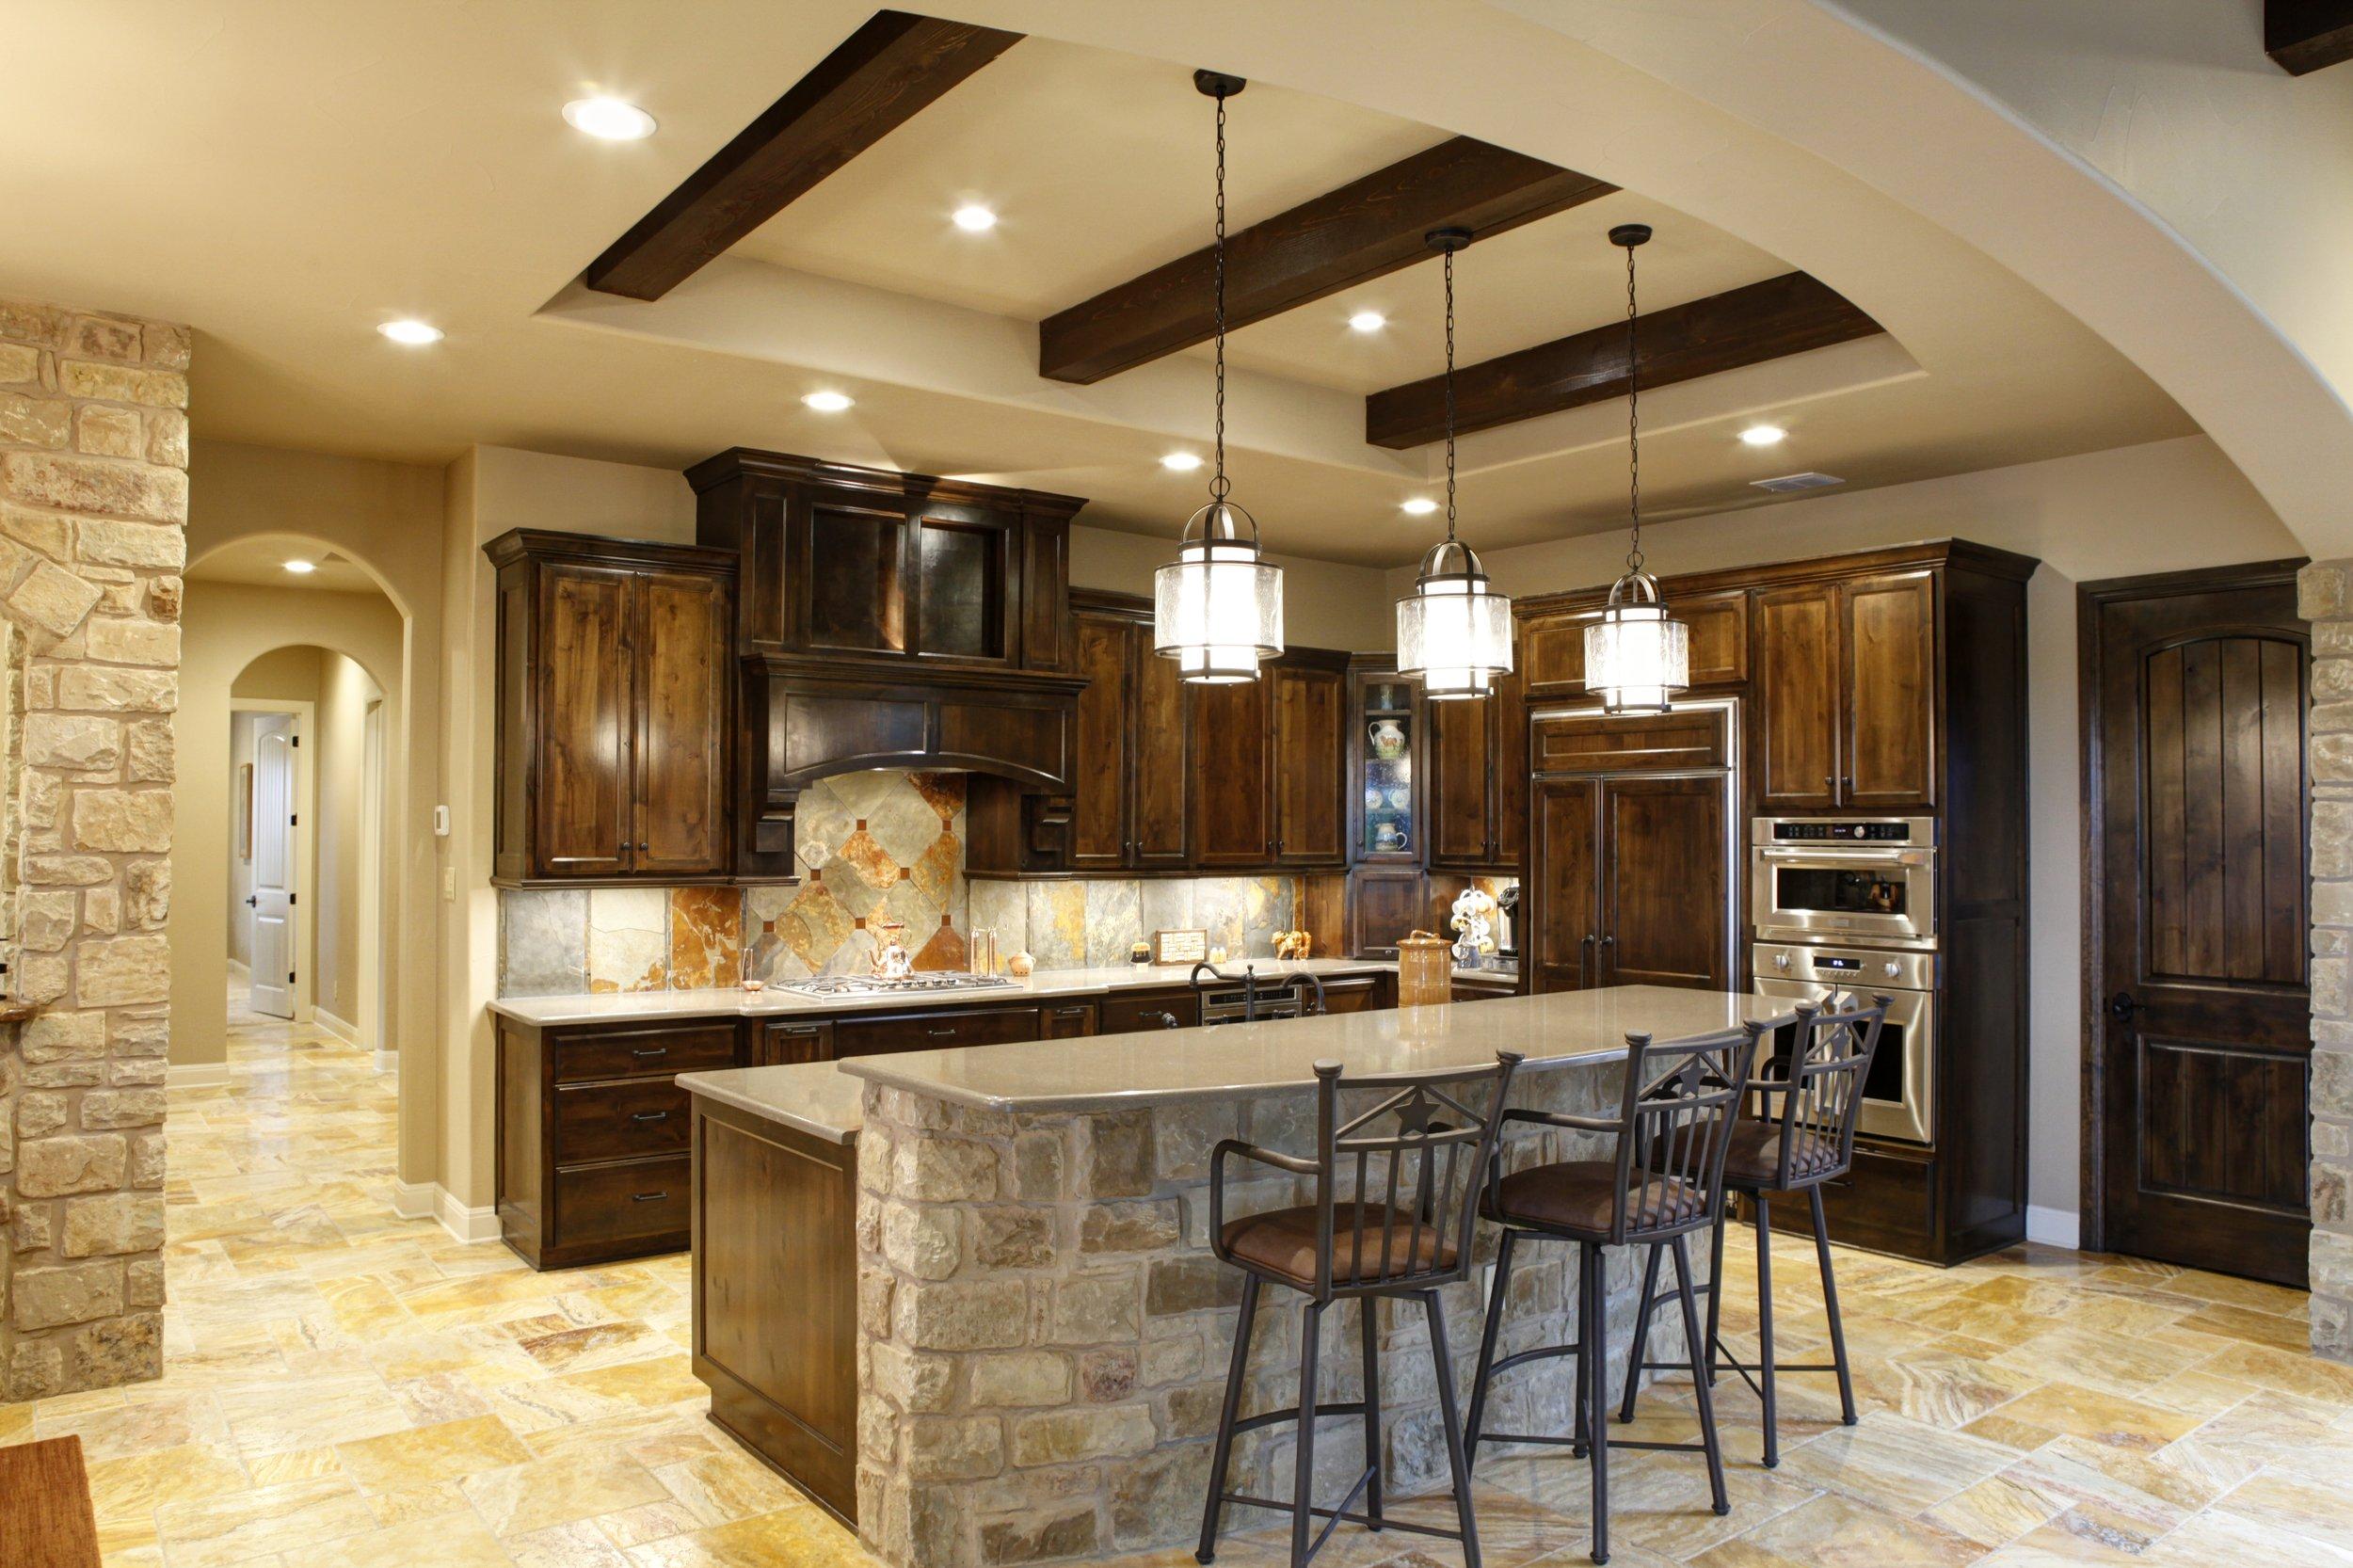 7-kitchen - 1.jpg